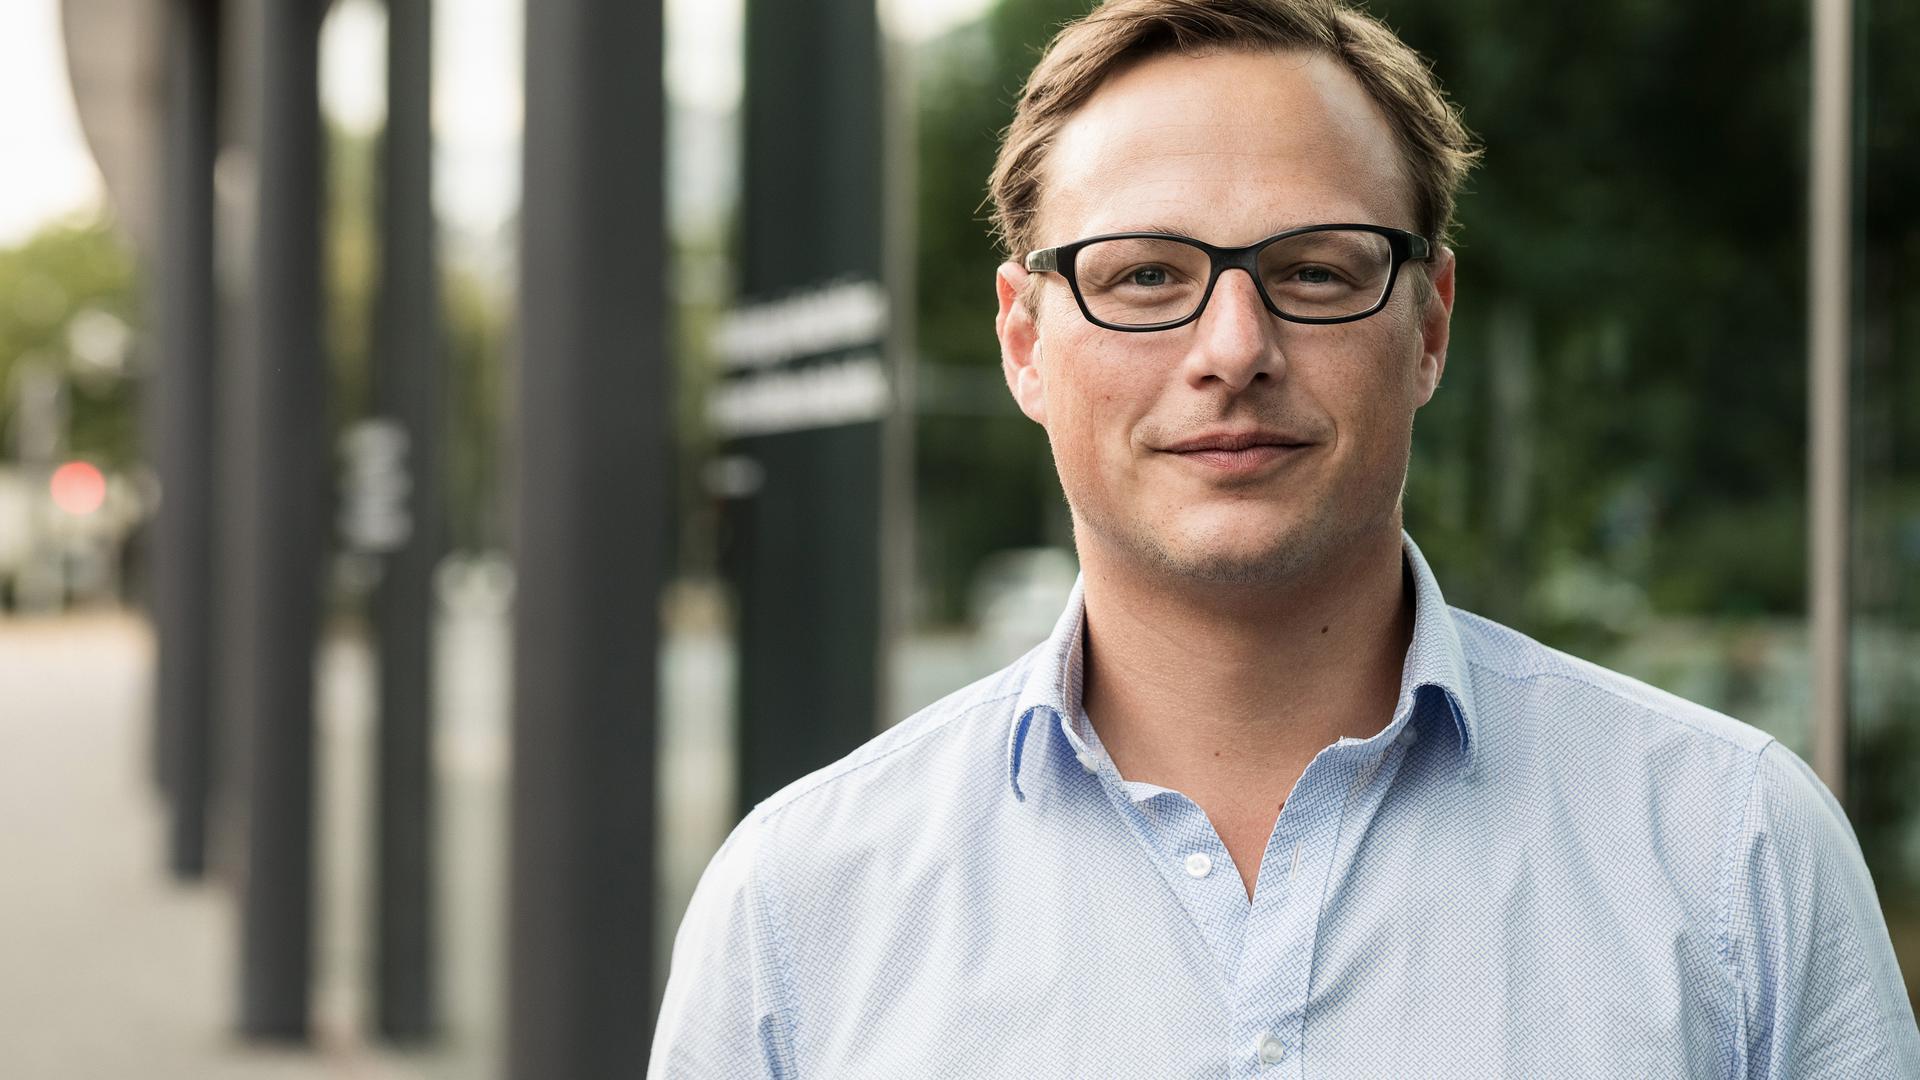 Martin Hoffmann, Forscher am ECPMF Europäisches Zentrum für Presse- und Medienfreiheit(, Leipzig),